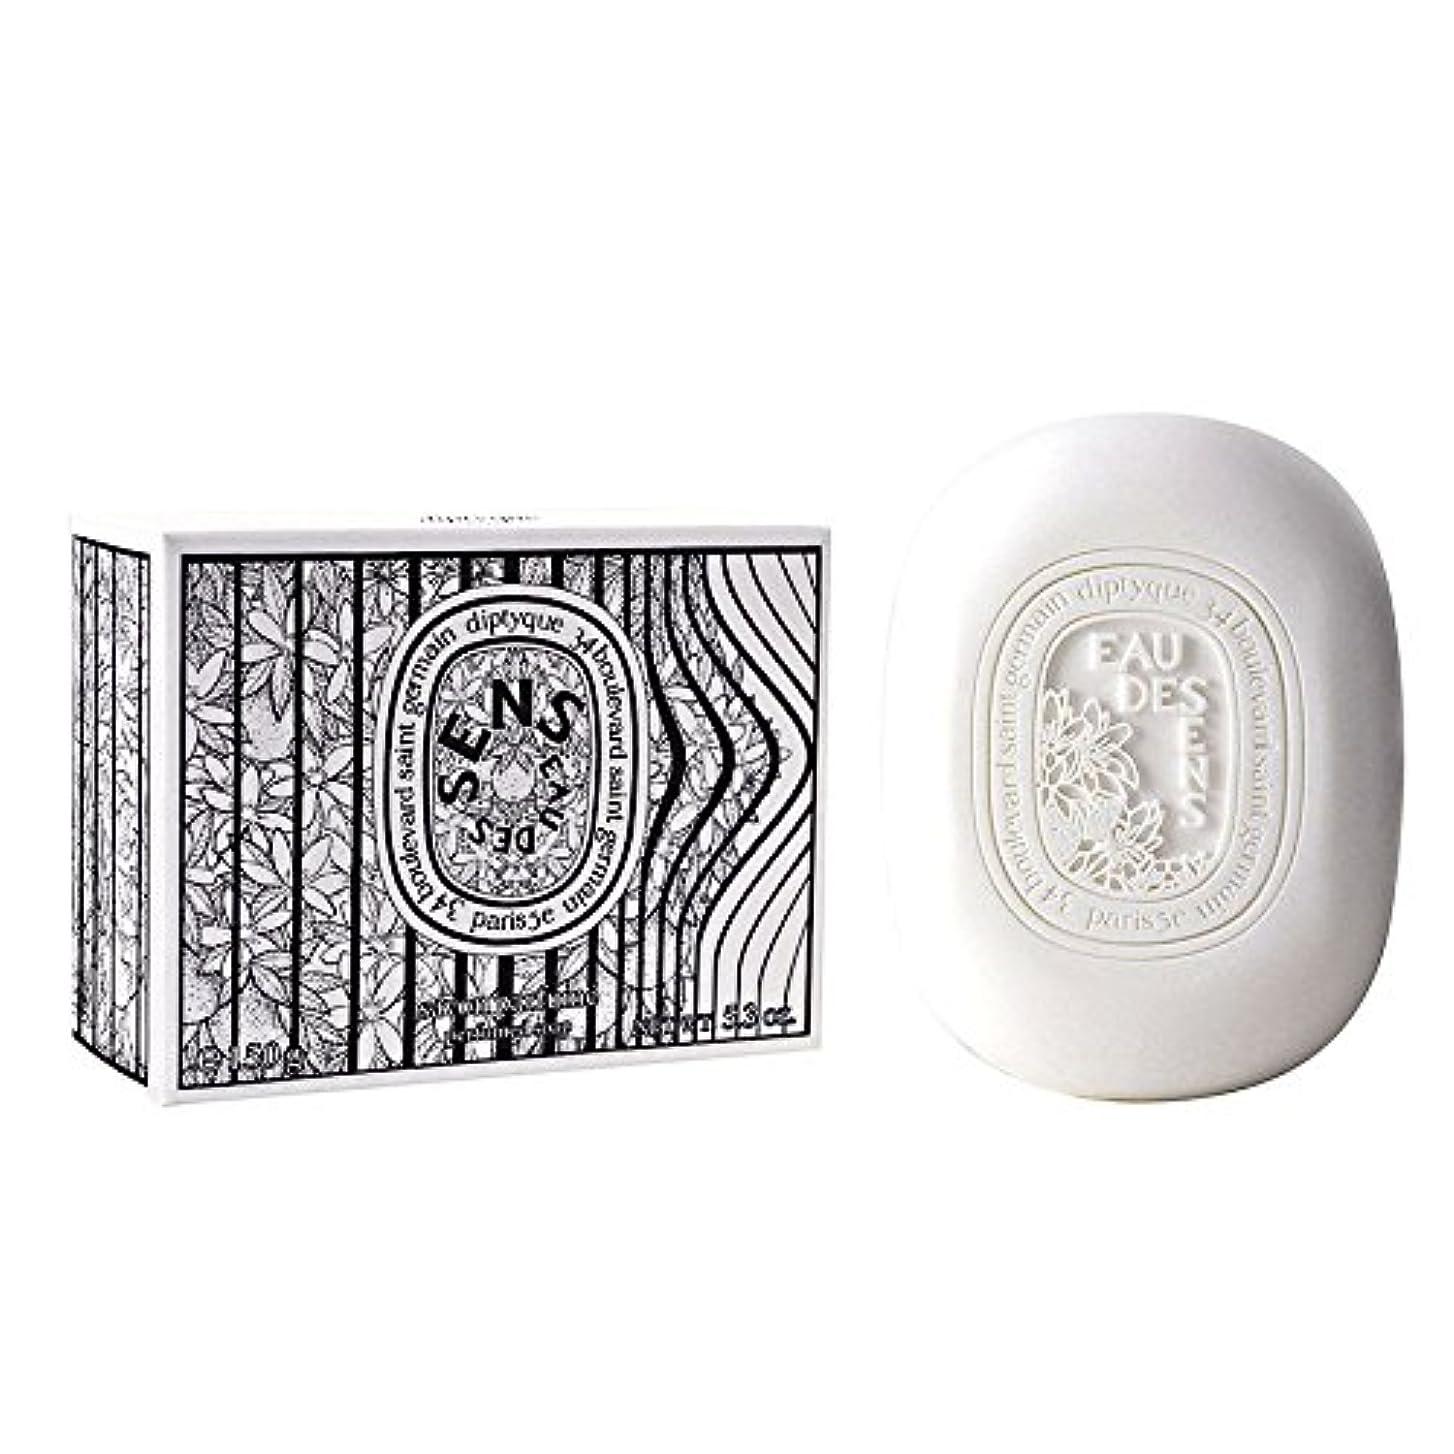 却下する受取人家庭Diptyque Eau Des Sens (ディプティック オー デ センス) 150g Soap (石けん) for Women